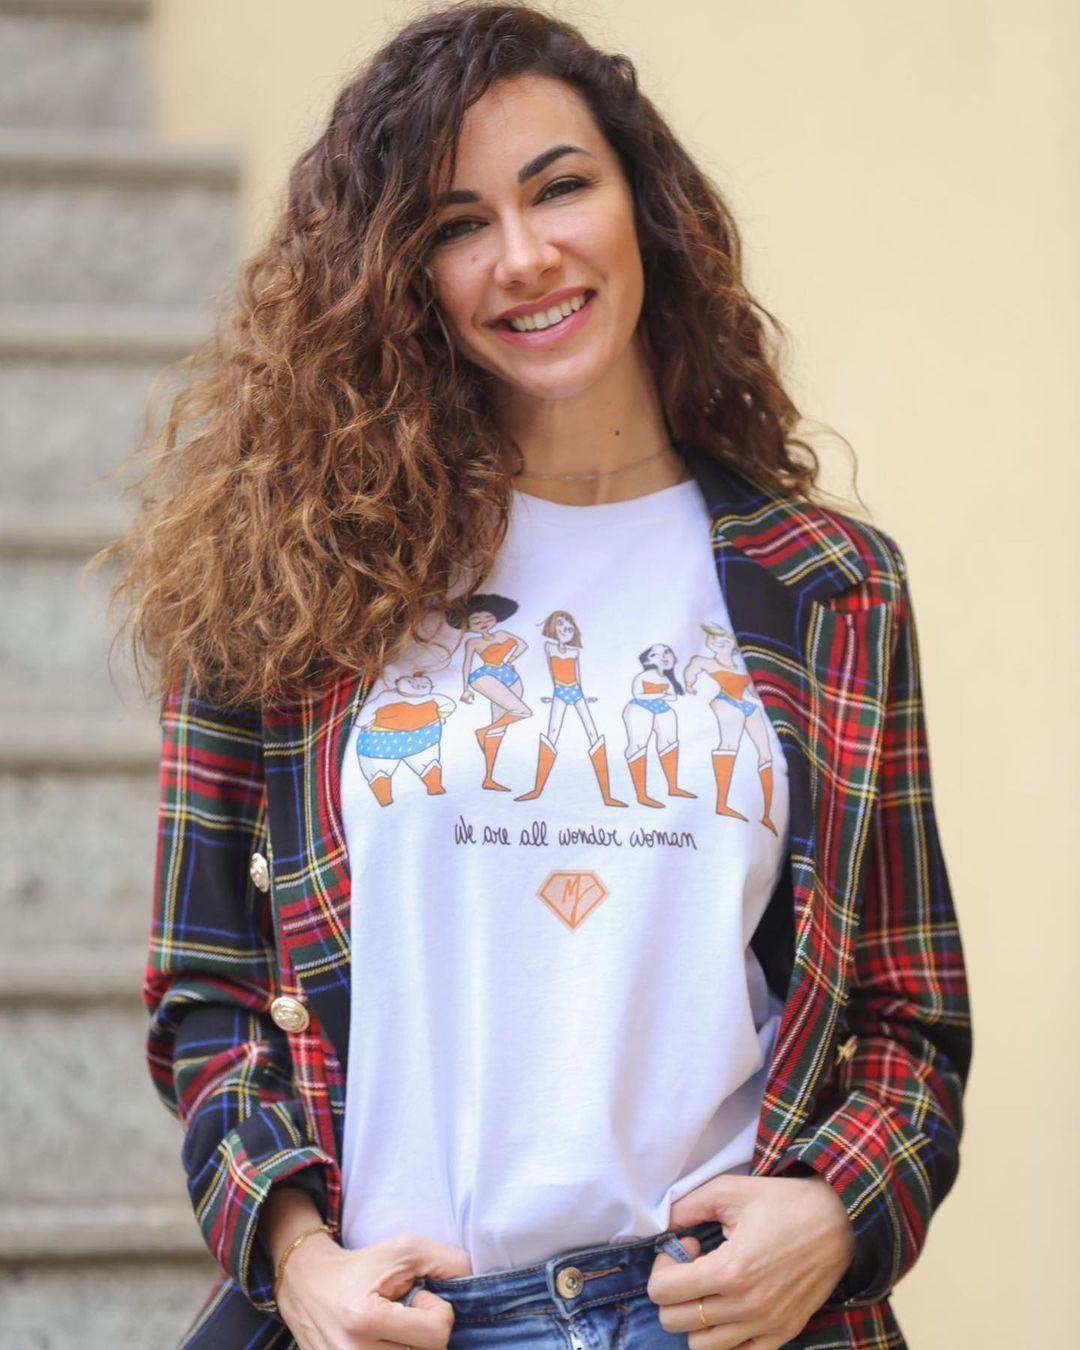 Melita-Toniolo-Wallpapers-Insta-Fit-Bio-6